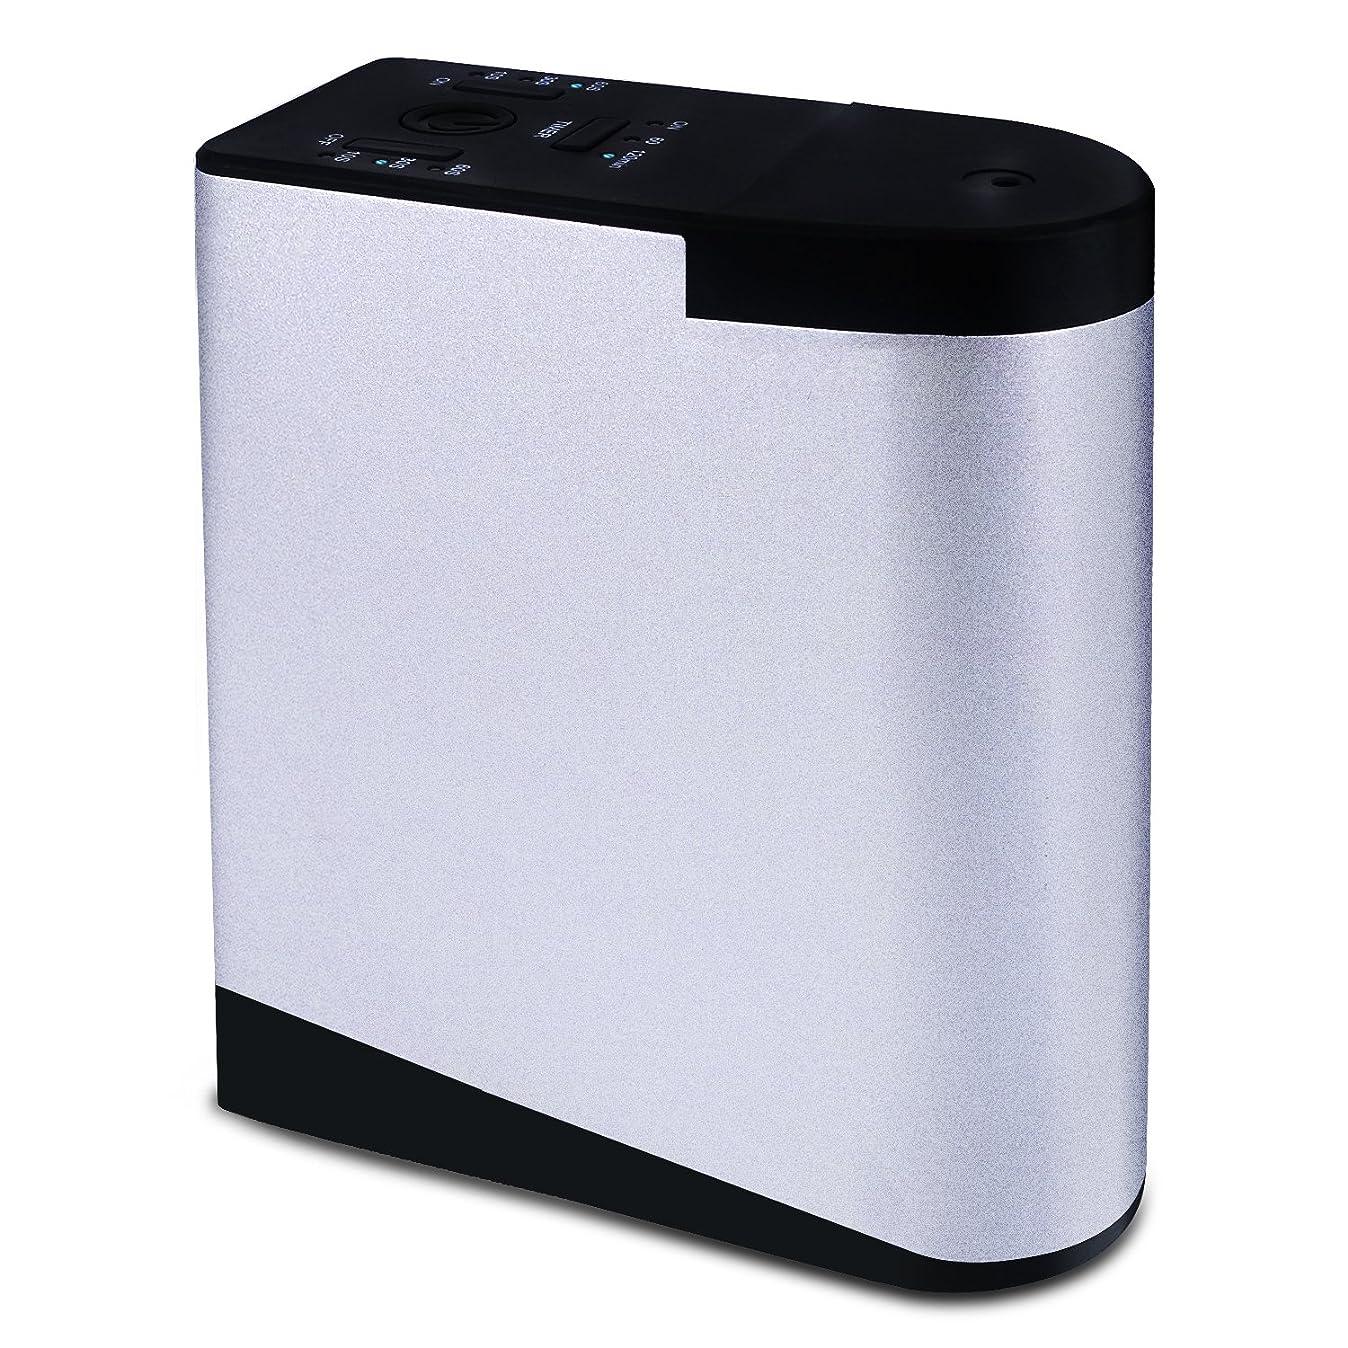 荷物定期的定期的ENERG e's Memory アロマディフューザー メモリー?タイマー機能 ネブライザー式 精油瓶2個スポイト付き T11-EN098